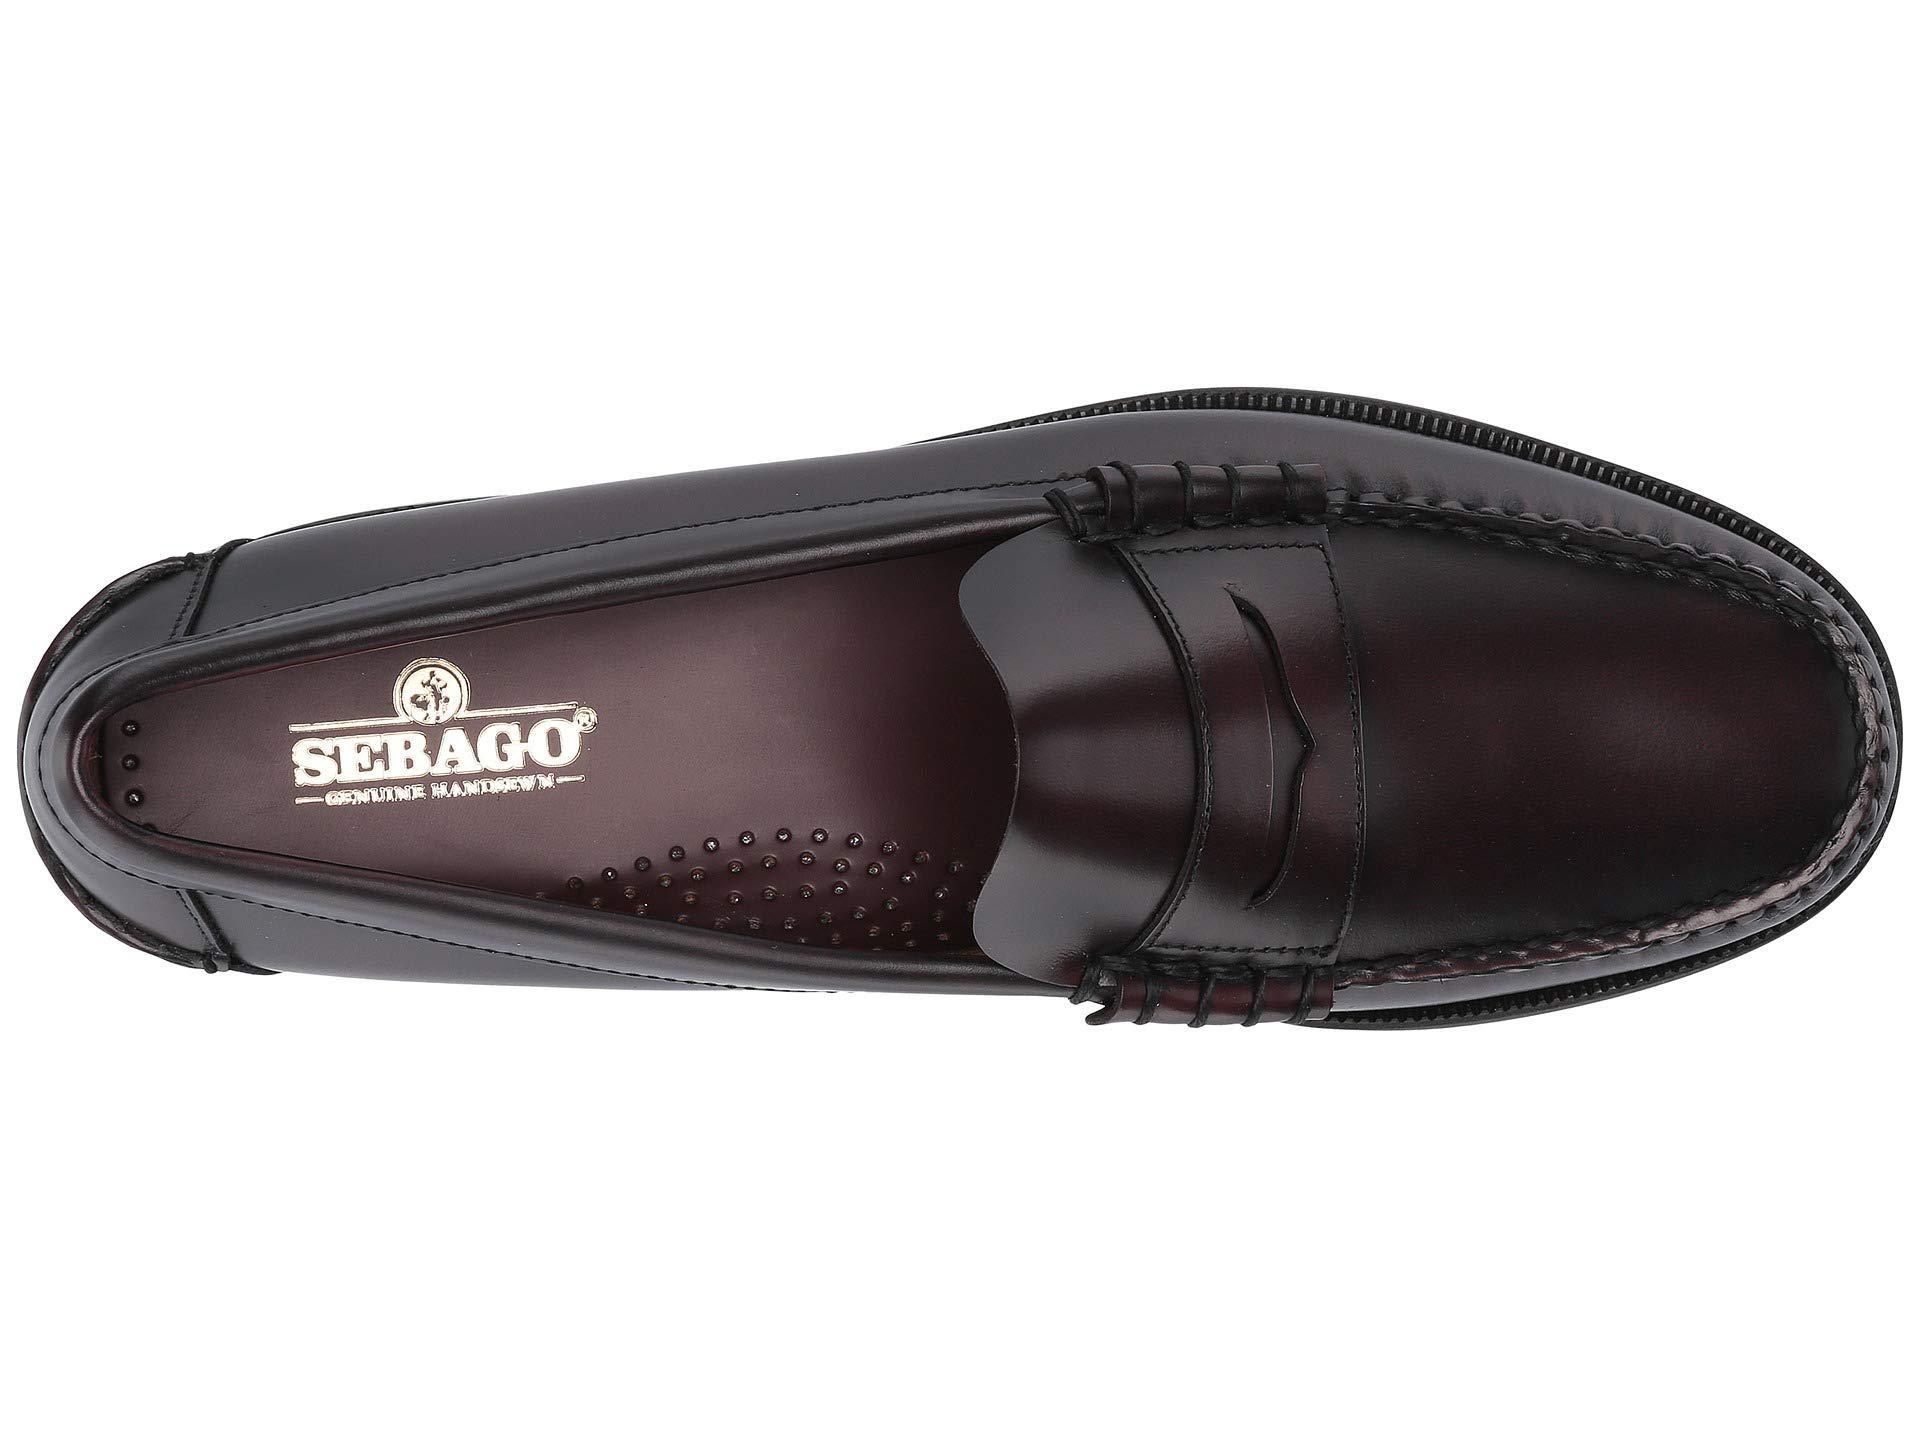 54223ff7b1e Lyst - Sebago Classic Dan (brown burgundy) Men s Shoes in Brown for ...